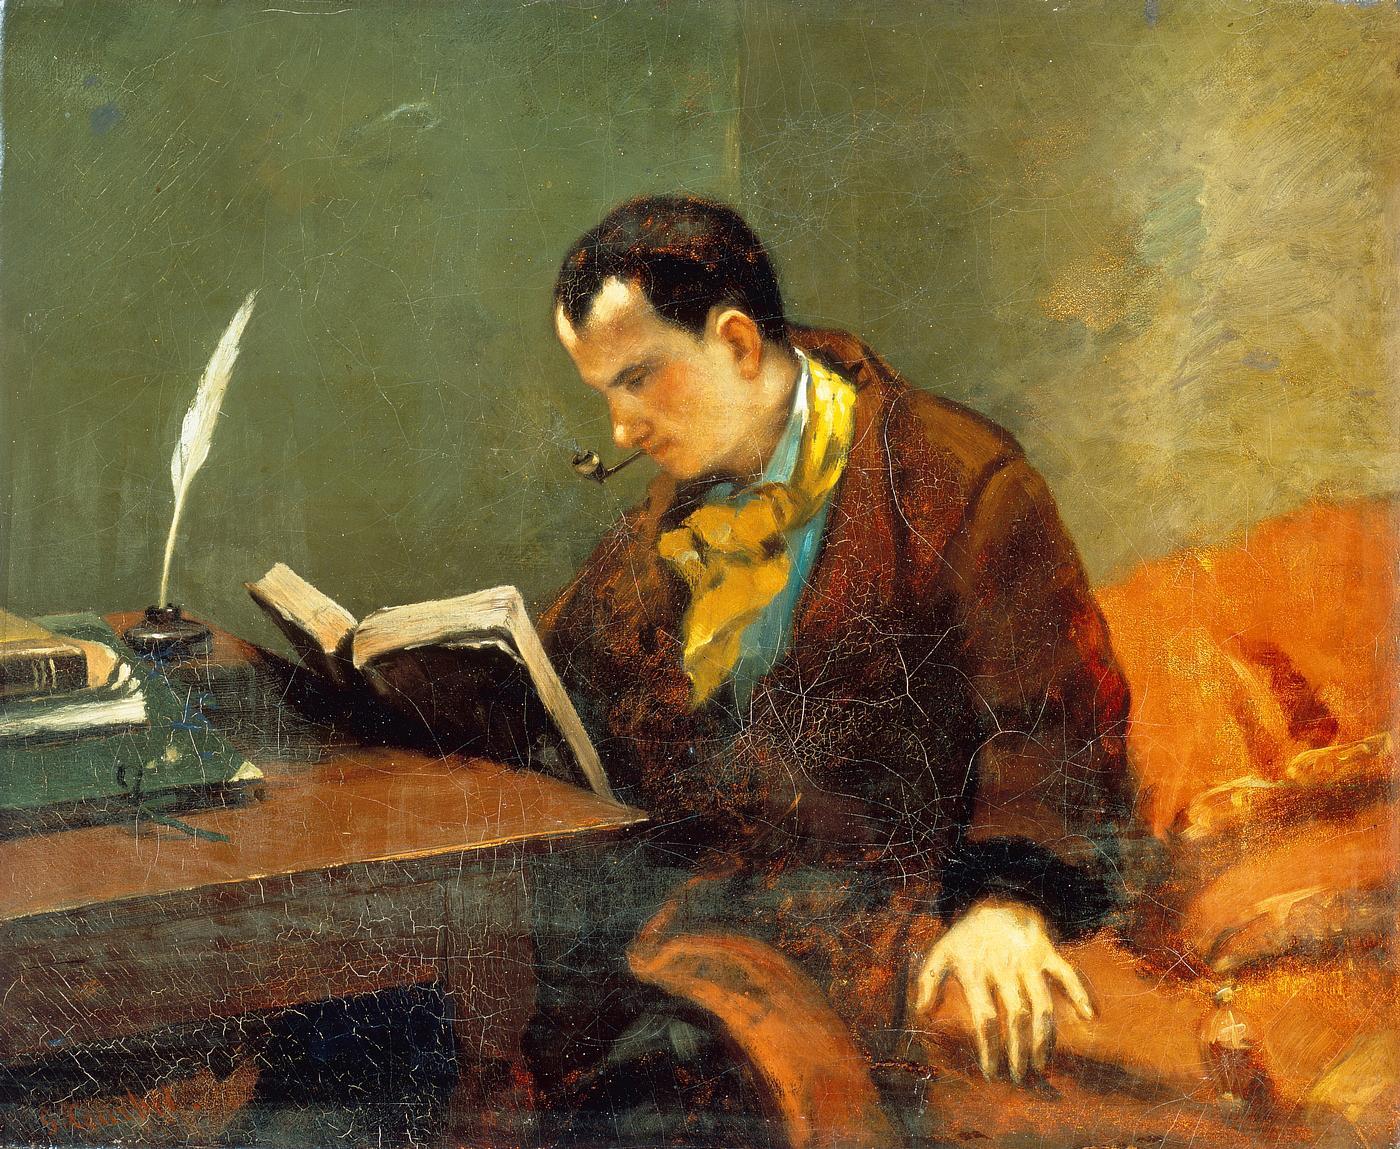 Resultado de imagen para vetusto poeta leyendo un libro